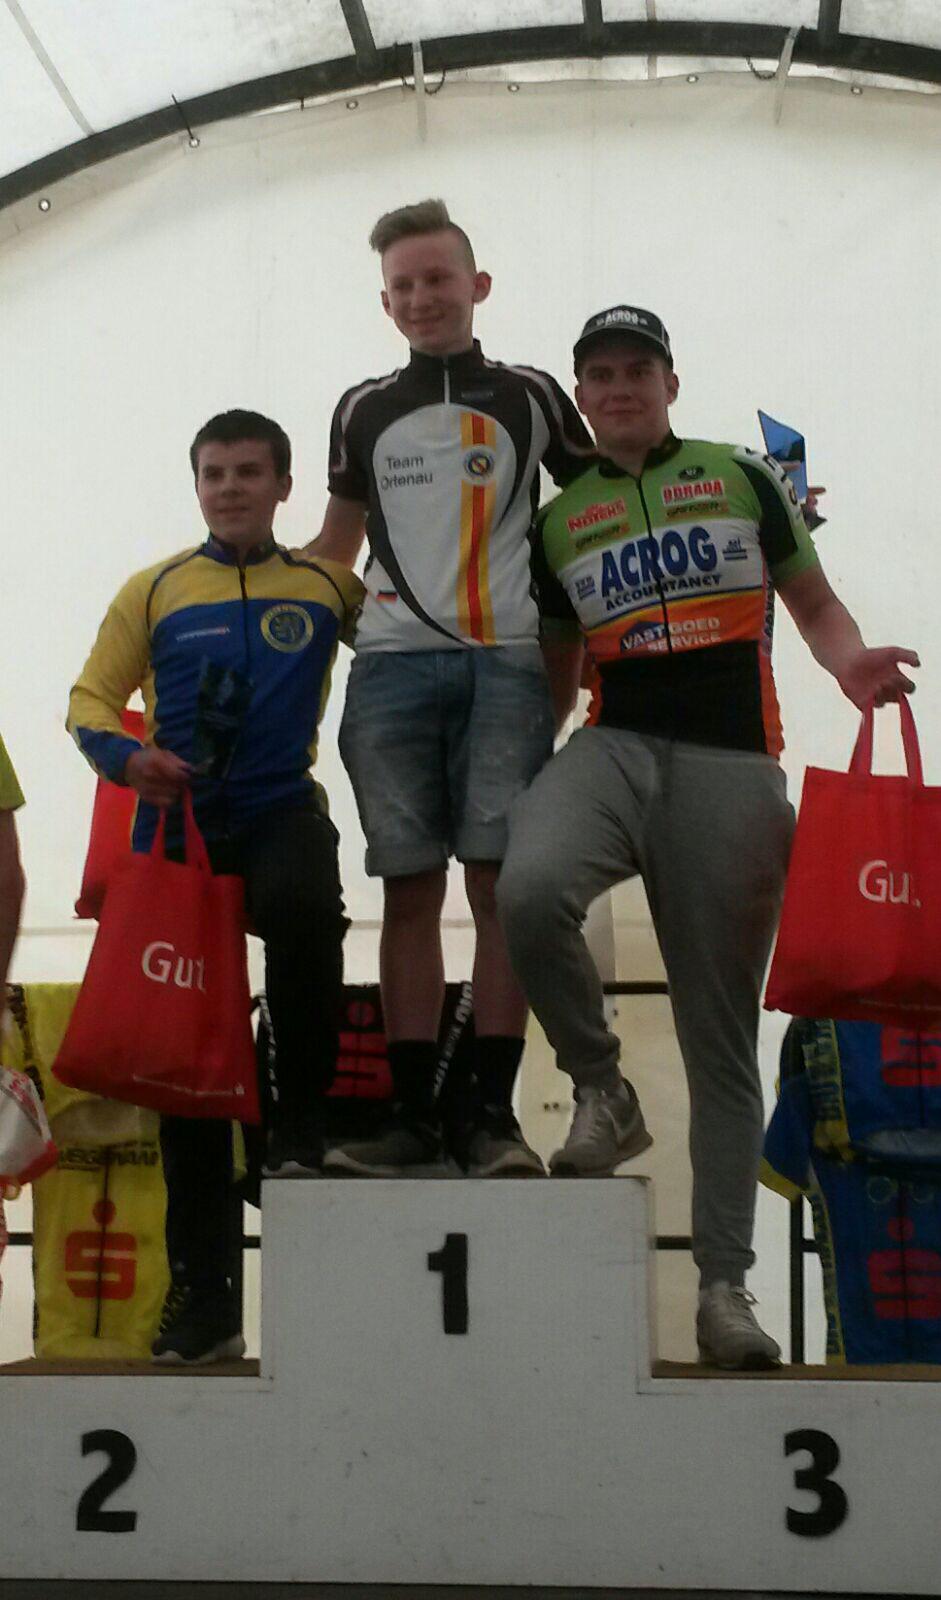 Siegerehrung nach der 2. Etappe mit Philip auf Rang 2.